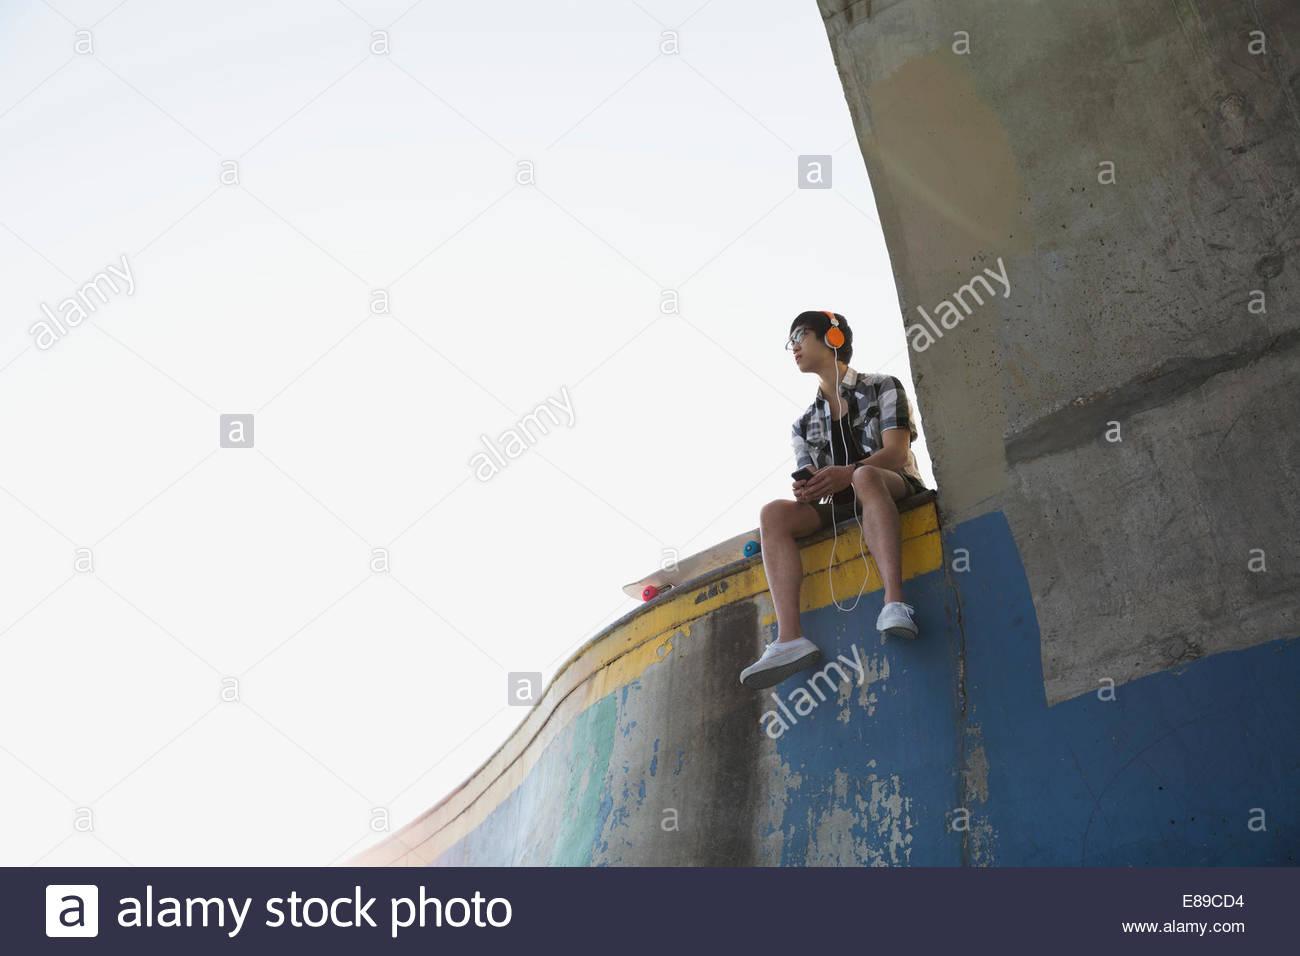 Adolescente en la rampa en skate park Imagen De Stock